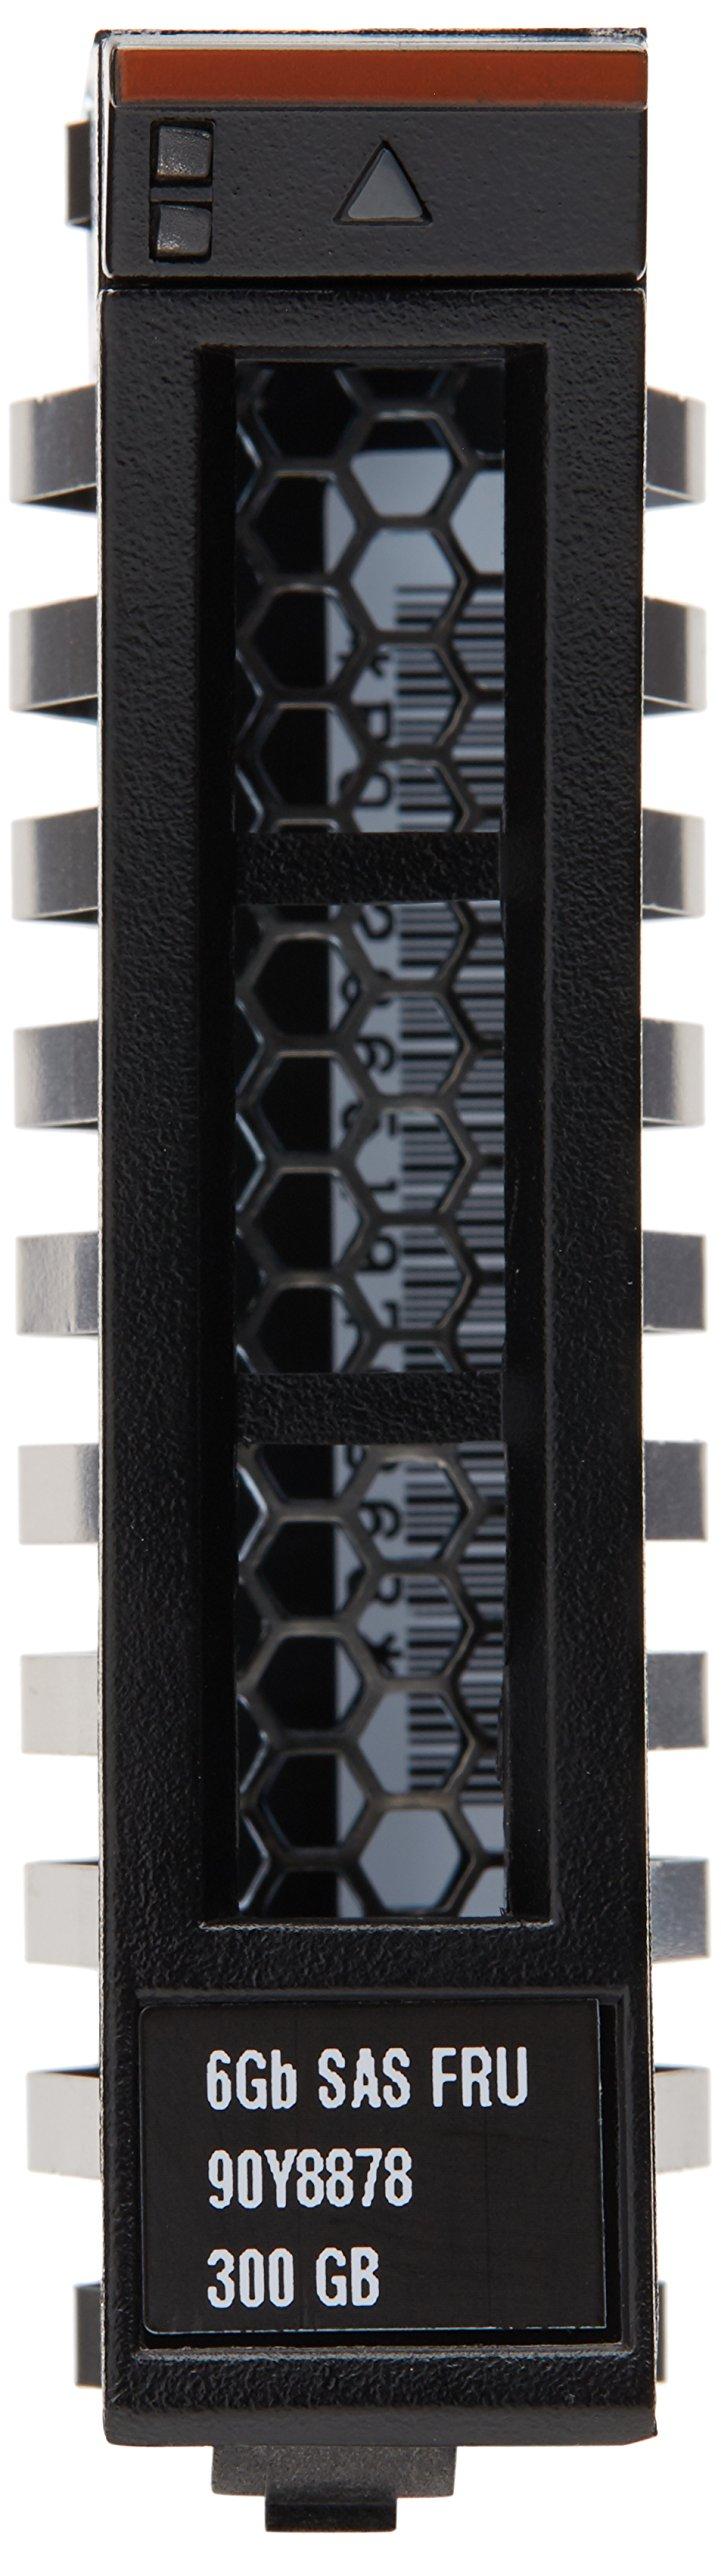 IBM 90Y8877-300GB 2.5'' SAS 10K 6Gb/s Slim-HS Hard Drive